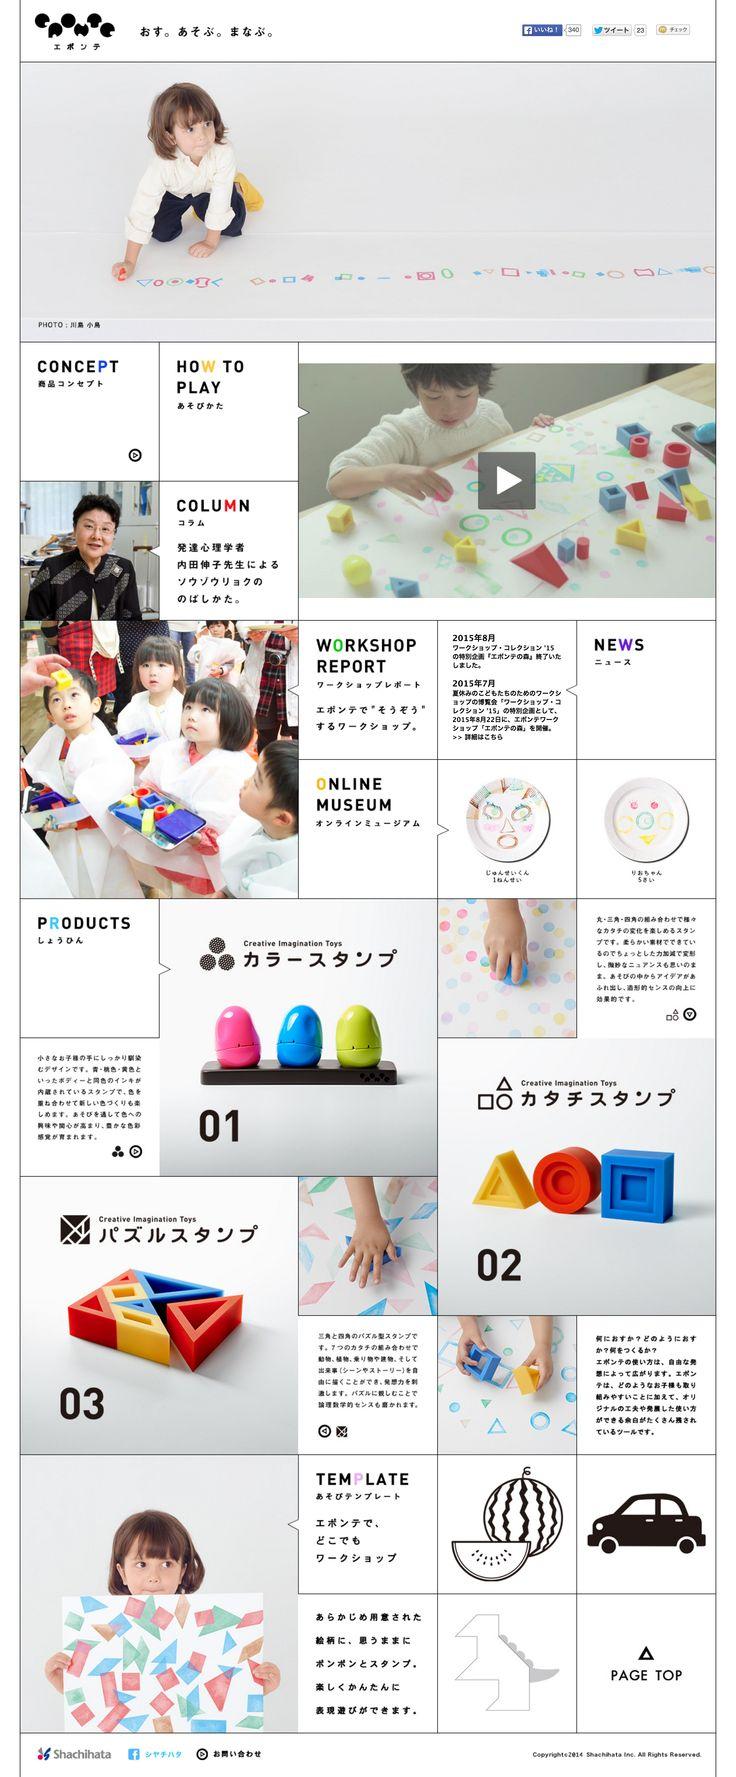 エポンテ #webdesign #kids #line